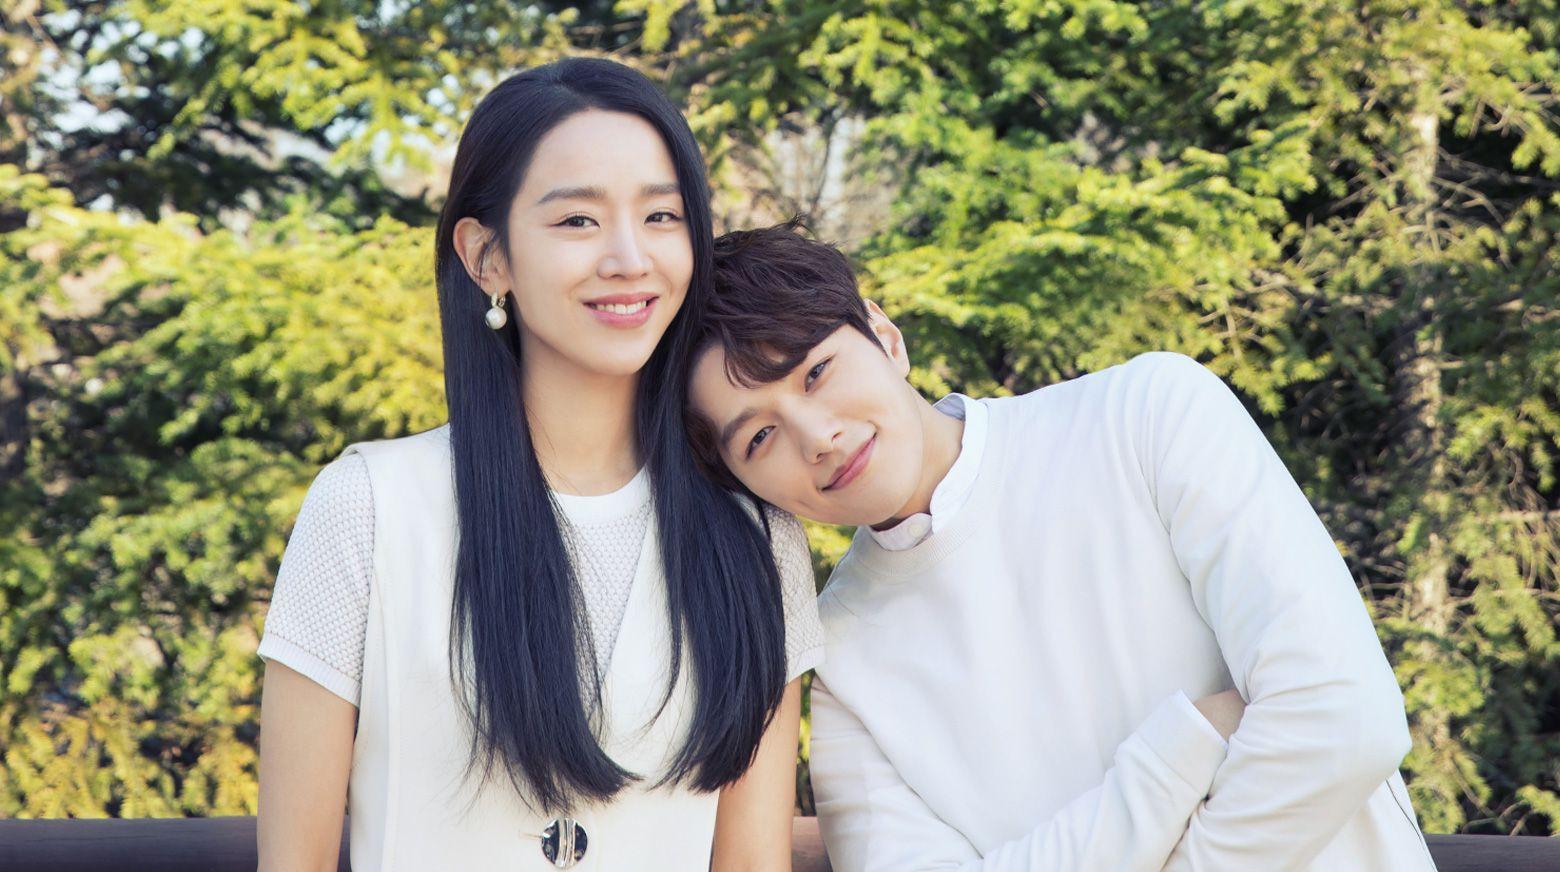 Song Joong Ki thua đau trước Jung Hae In, ngậm ngùi nhìn đàn em leo lên No.1 hot nhất tuần! - Ảnh 13.